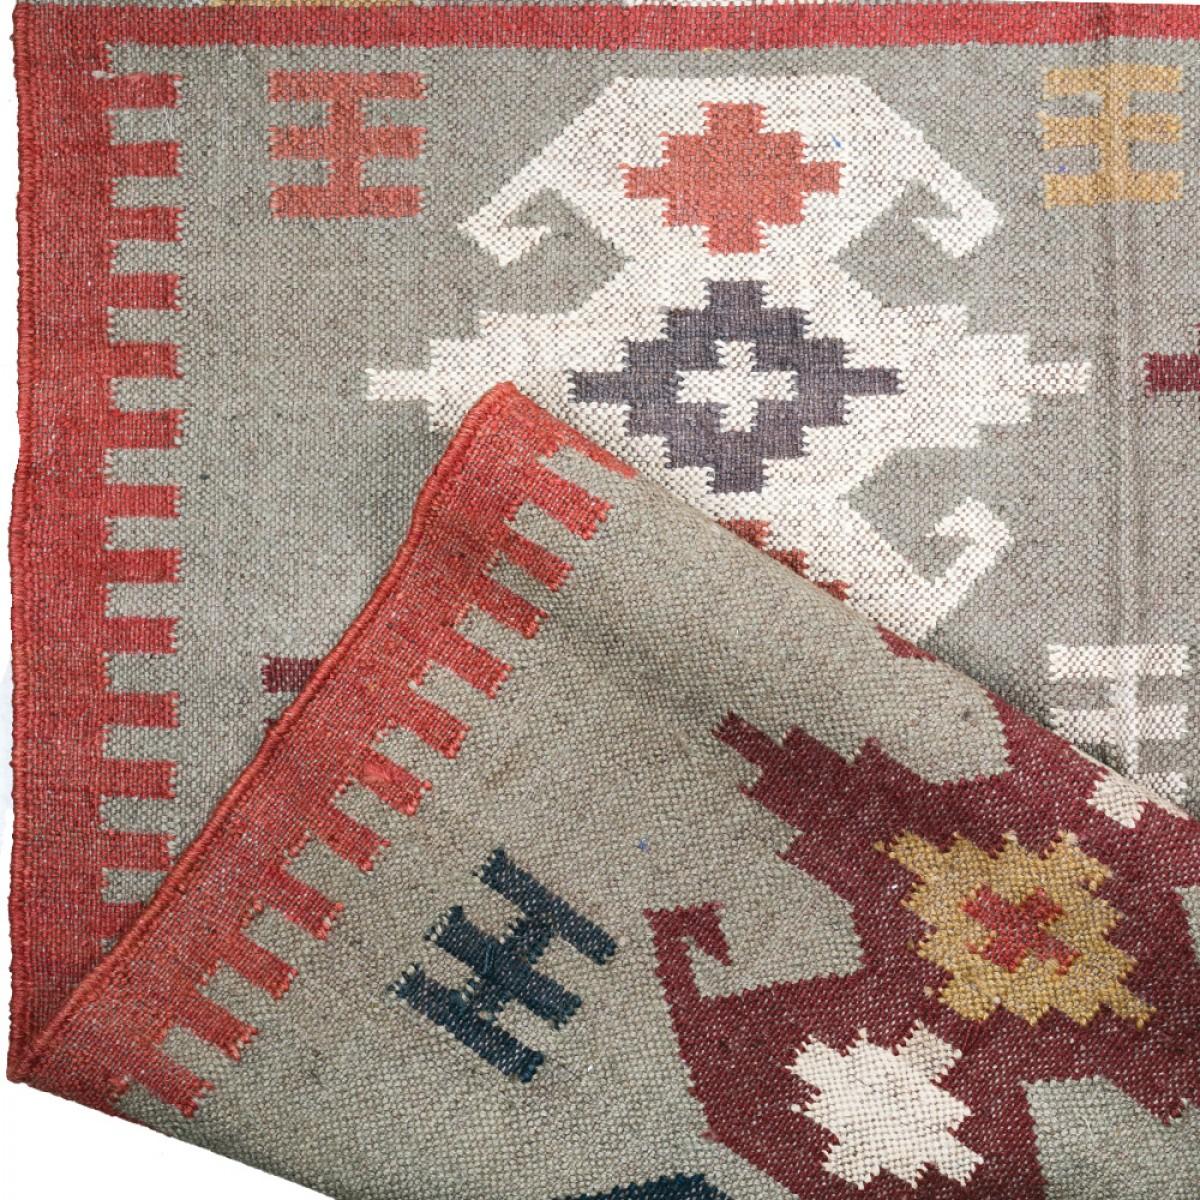 Jute Kilim Floor Rugs - Beige Multi Color